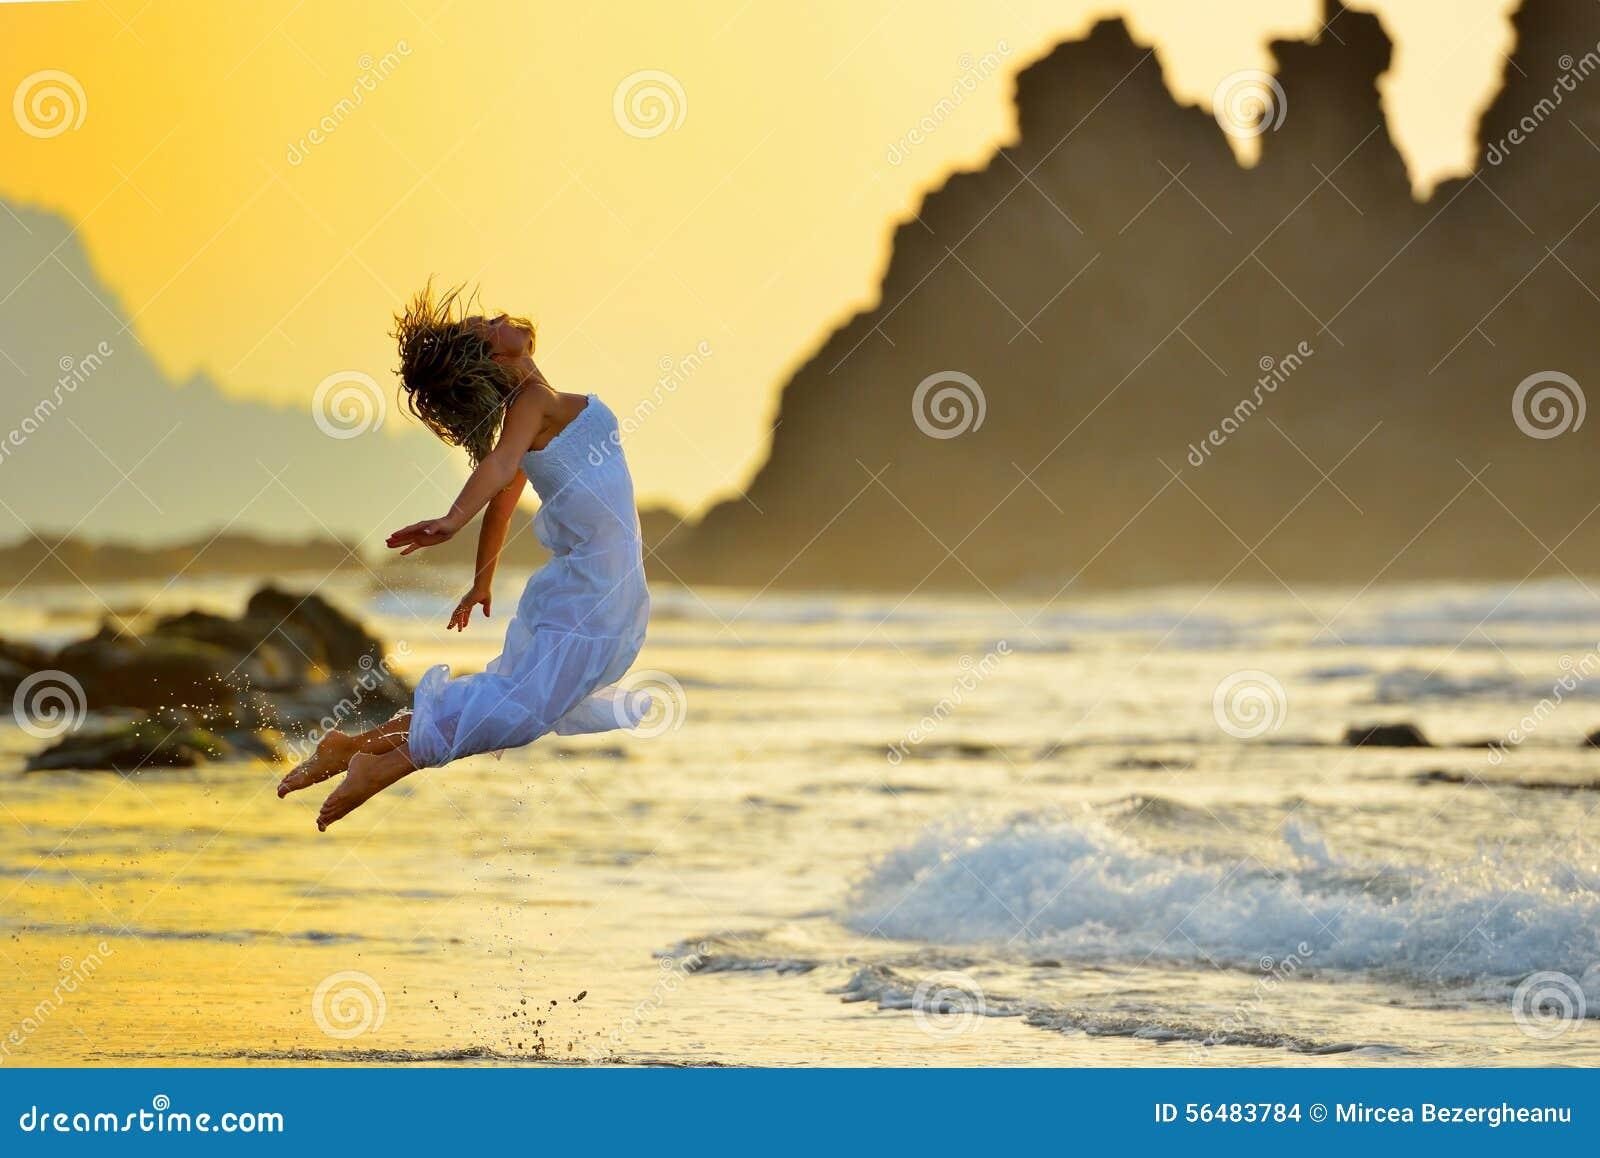 La jeune femme sautant sur la plage en été